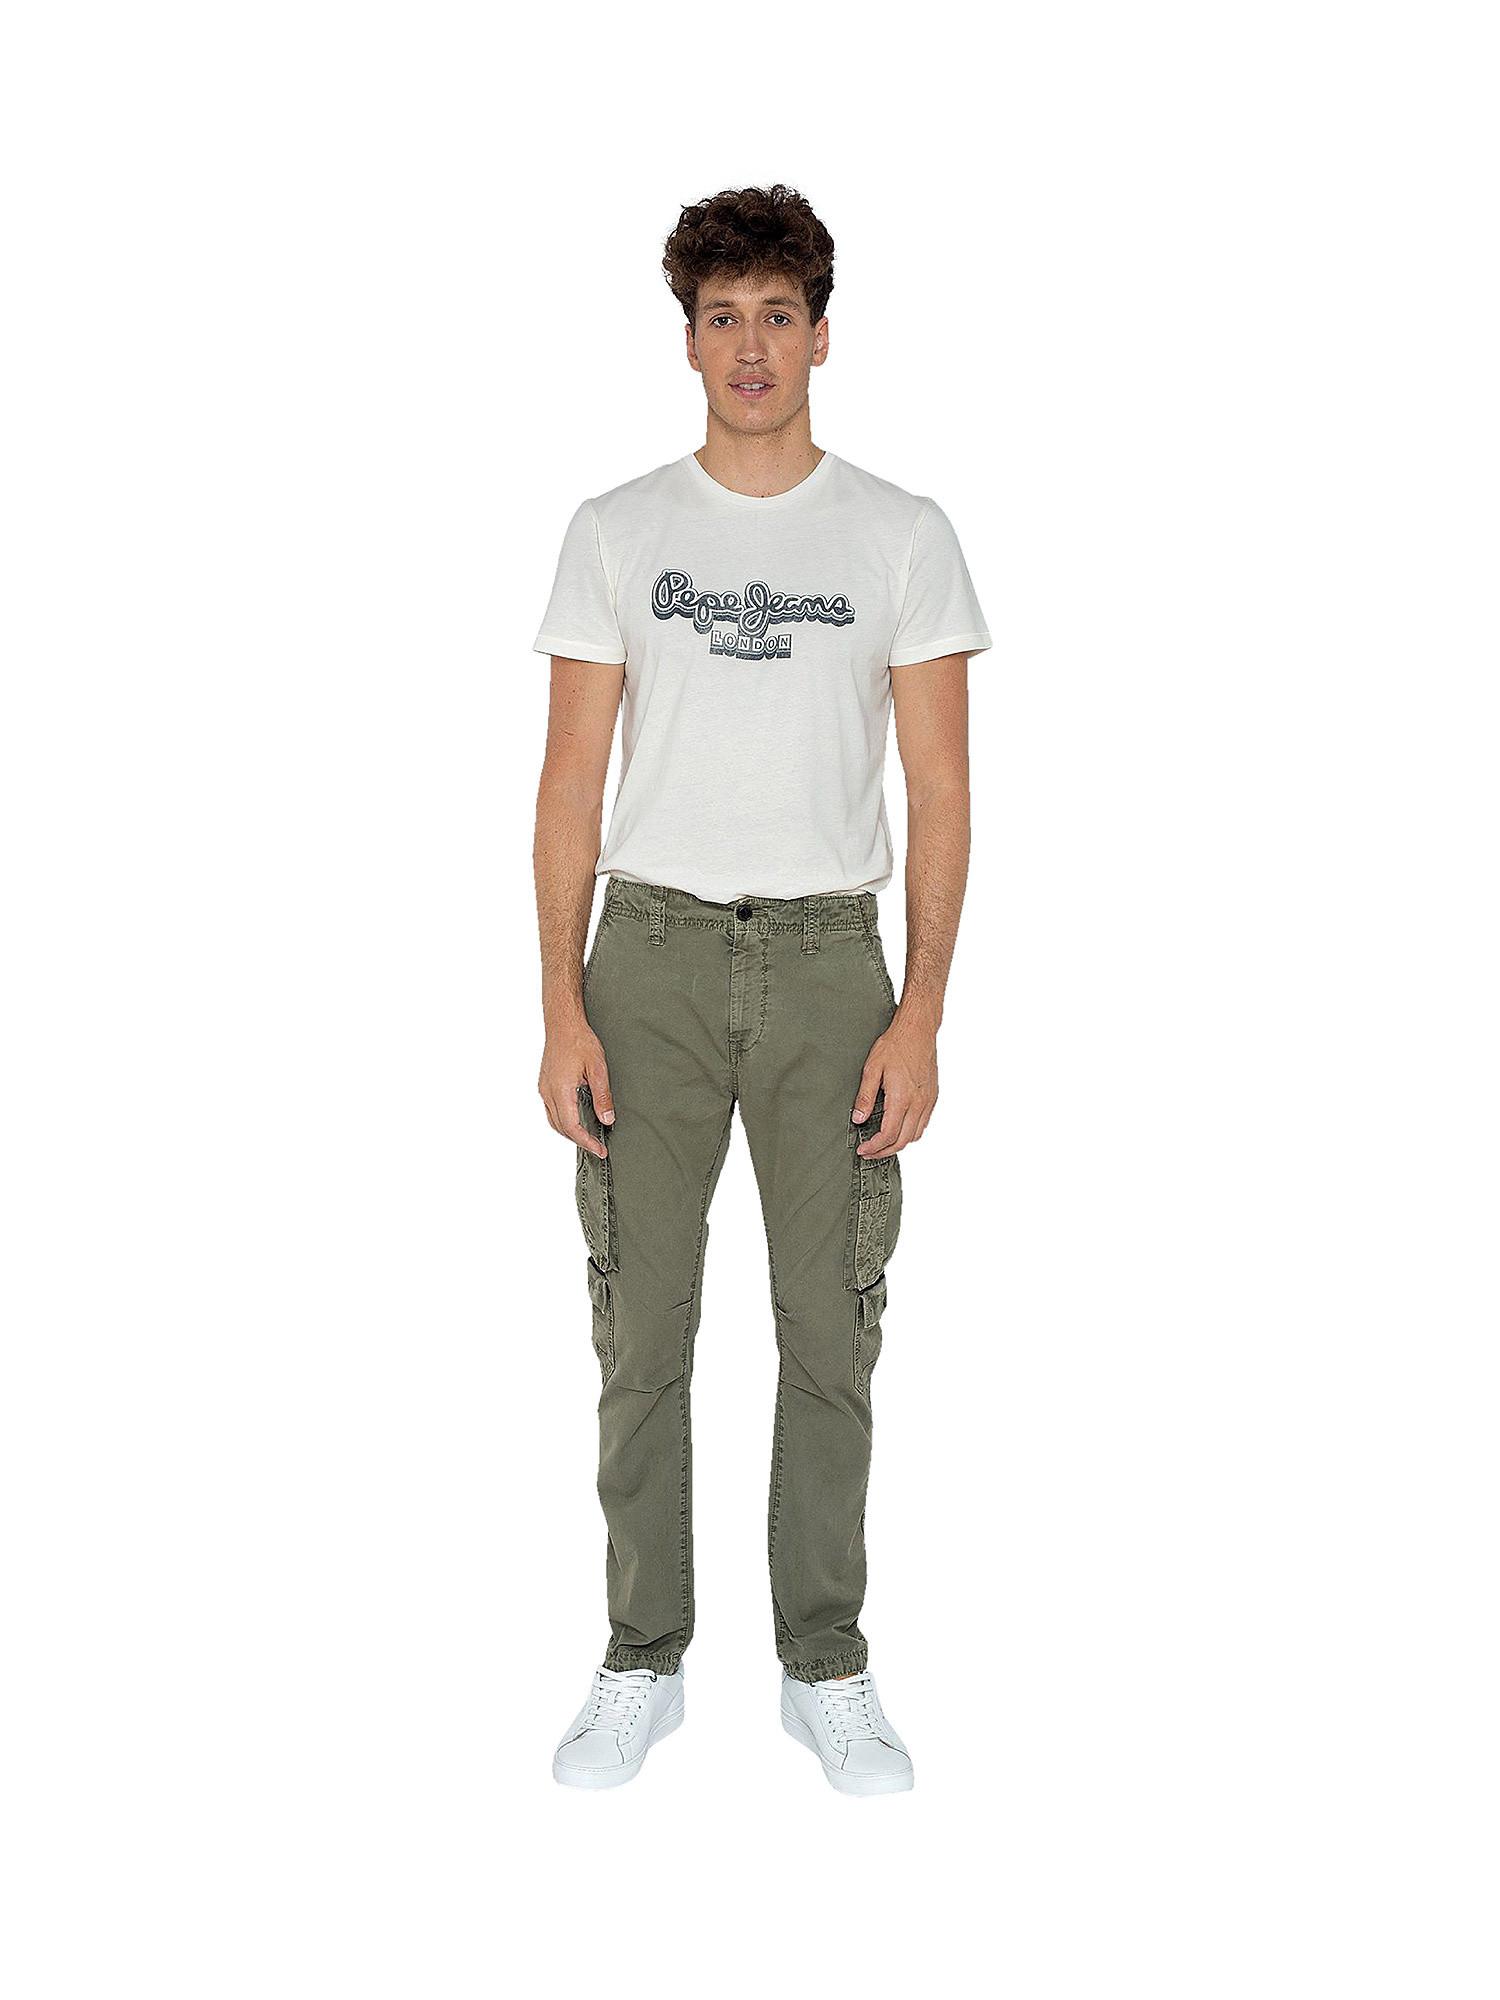 Pantalone 5 tasche, Verde, large image number 3